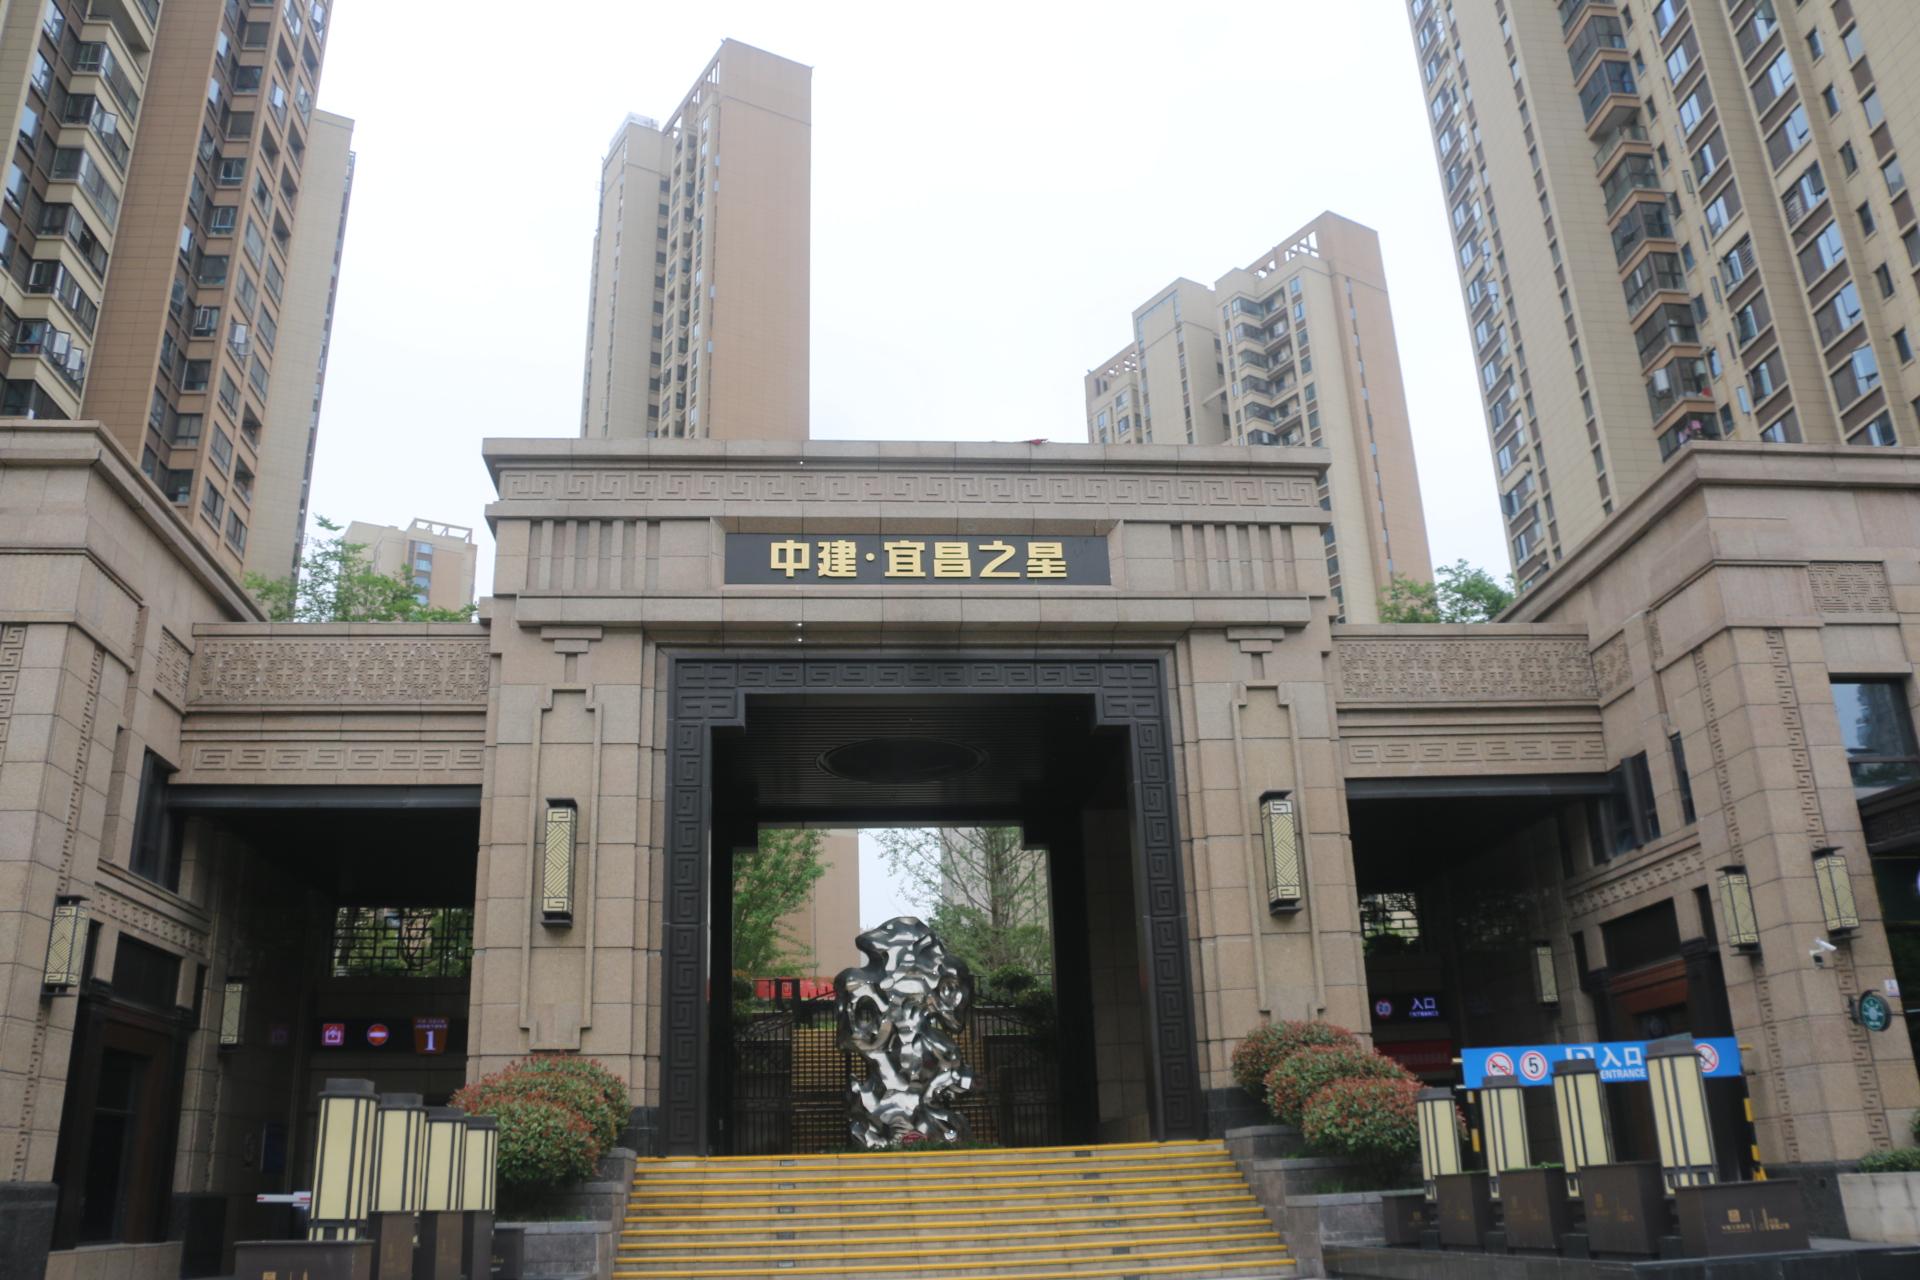 宜昌·中建之星丨空气源热泵,让家变得更舒适!